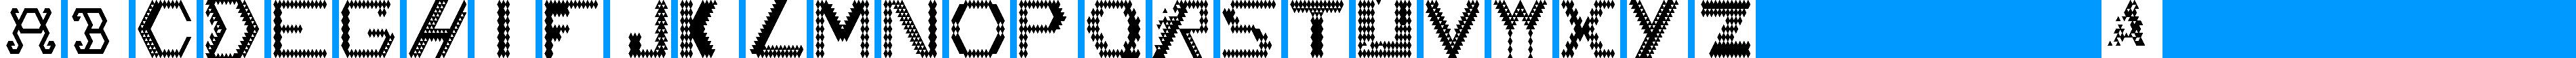 Particip-a-type v.169